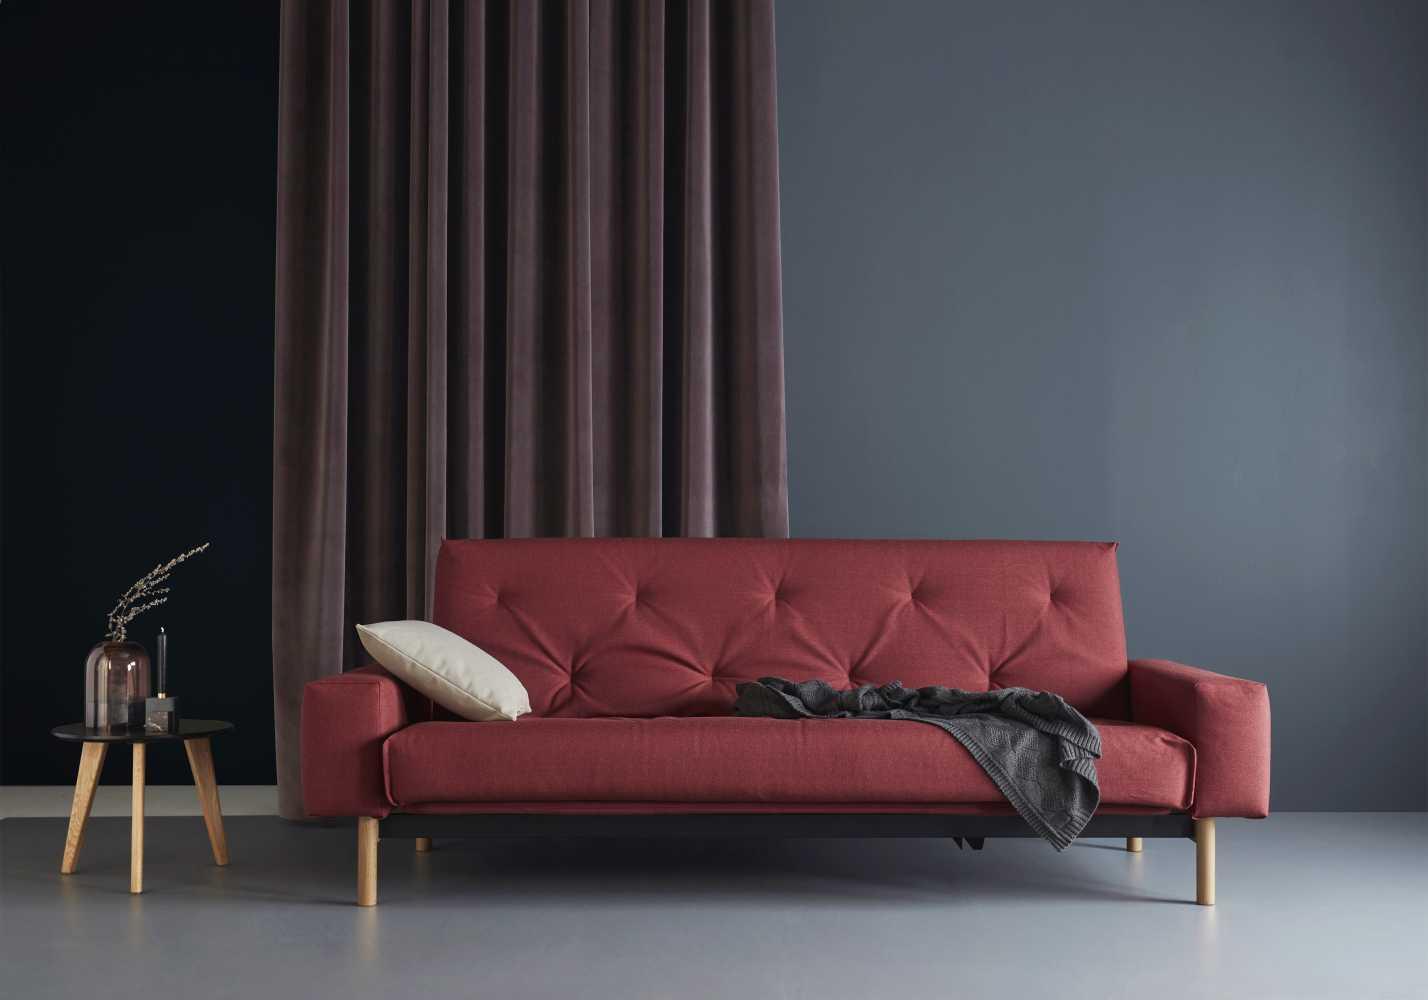 ספה בסגנון סקנדינבי עכשווי אשר מביאה את הנוחות ומולטי הפונקציונליות של הספה לתוך הסלון